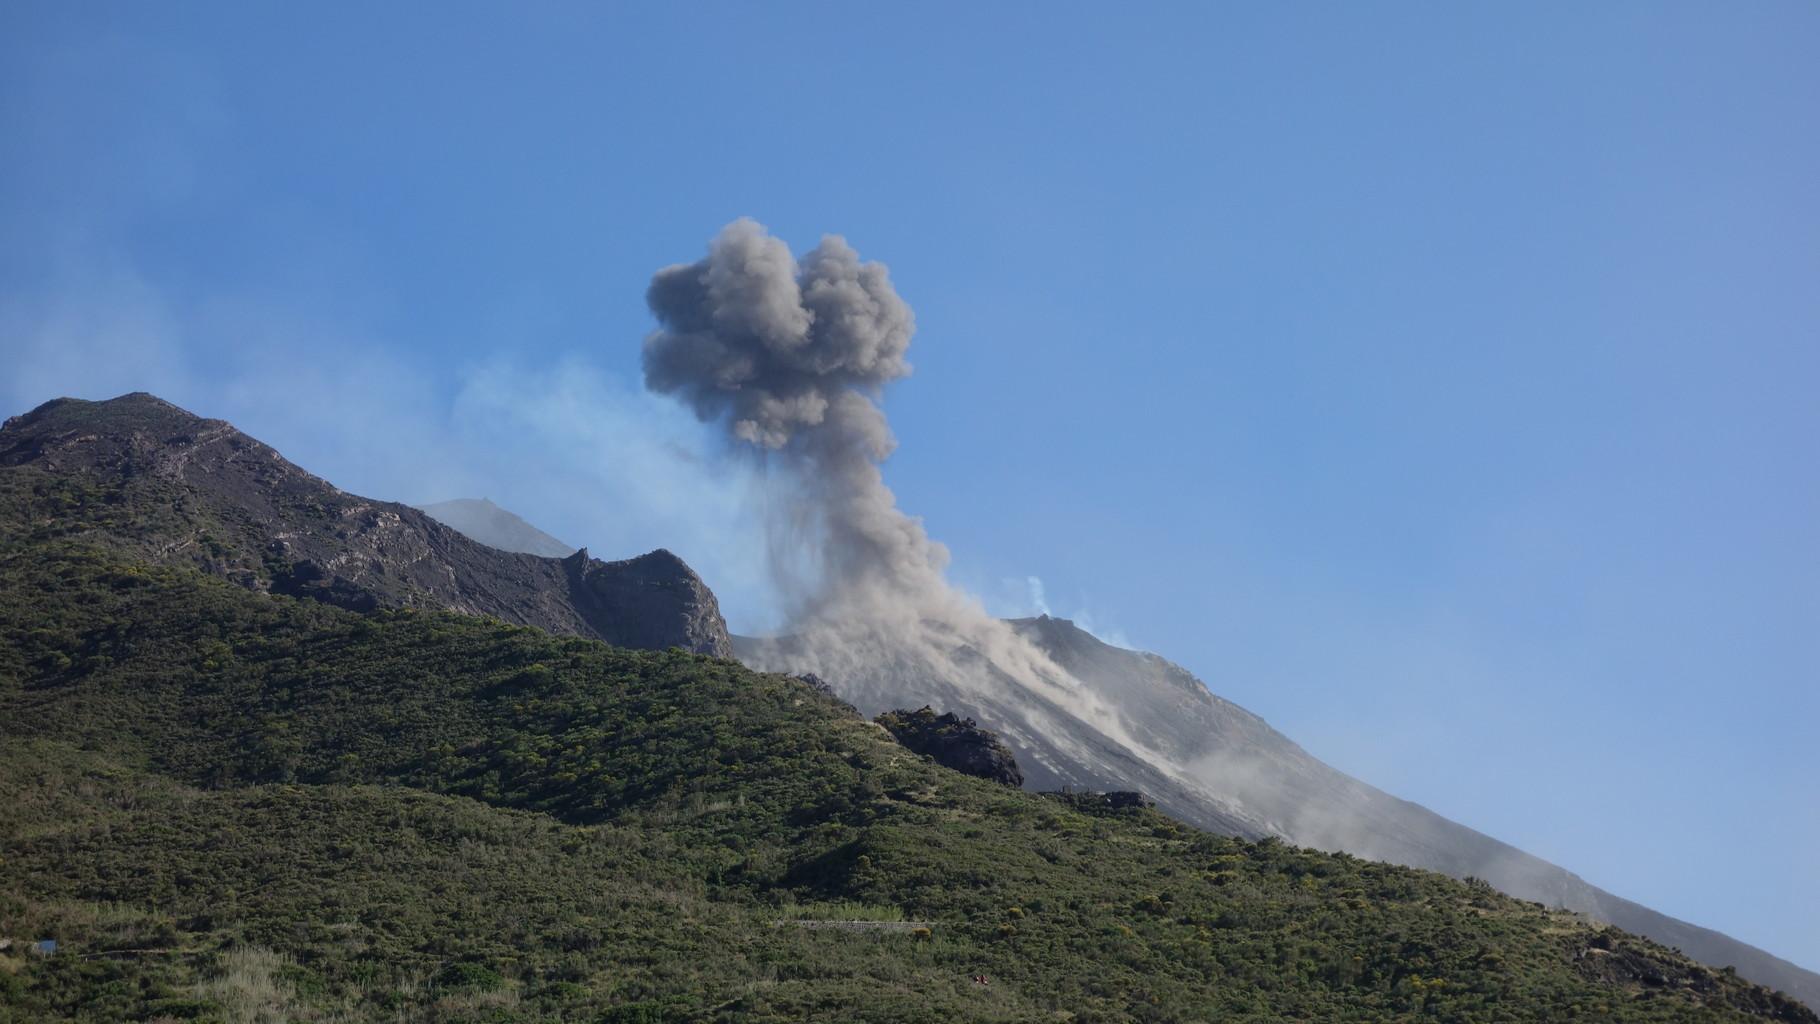 Ansicht von einem Café am Fuße des Vulkans Stromboli